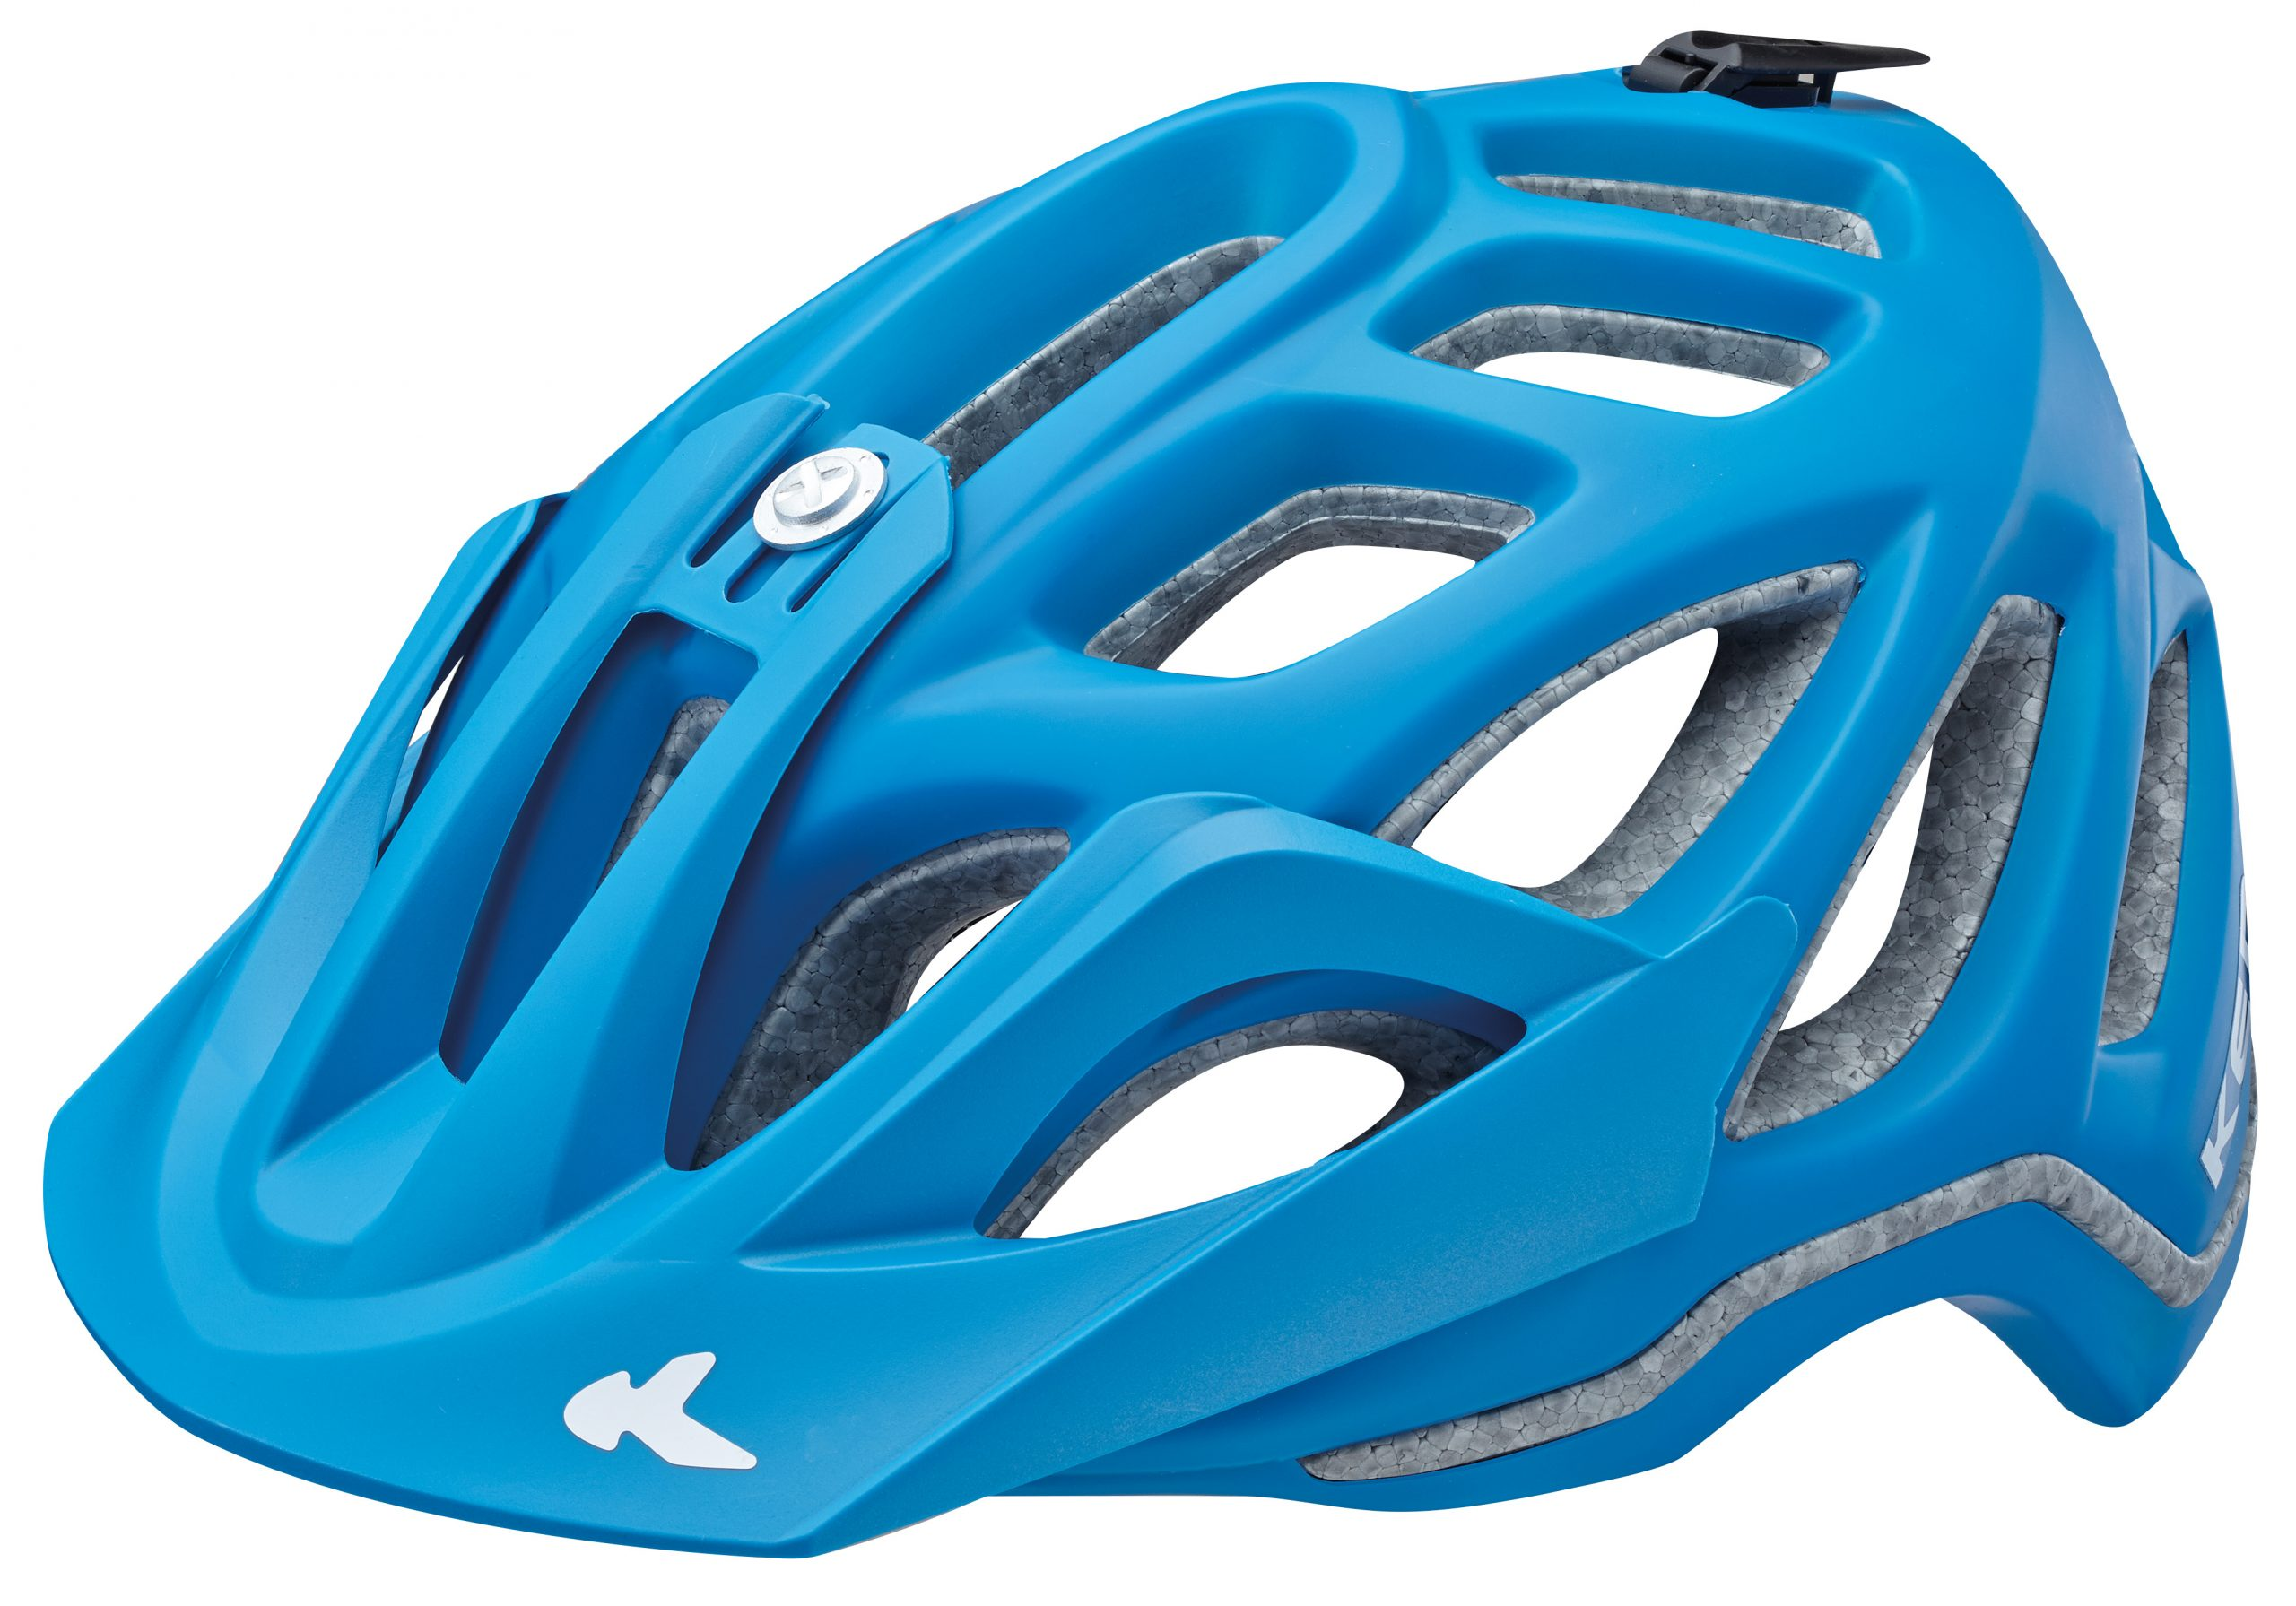 """A Trailon hibátlan """"Enduro"""" modell, a mai kerékpártrendeknek megfelelő divatos színválasztékkal..."""